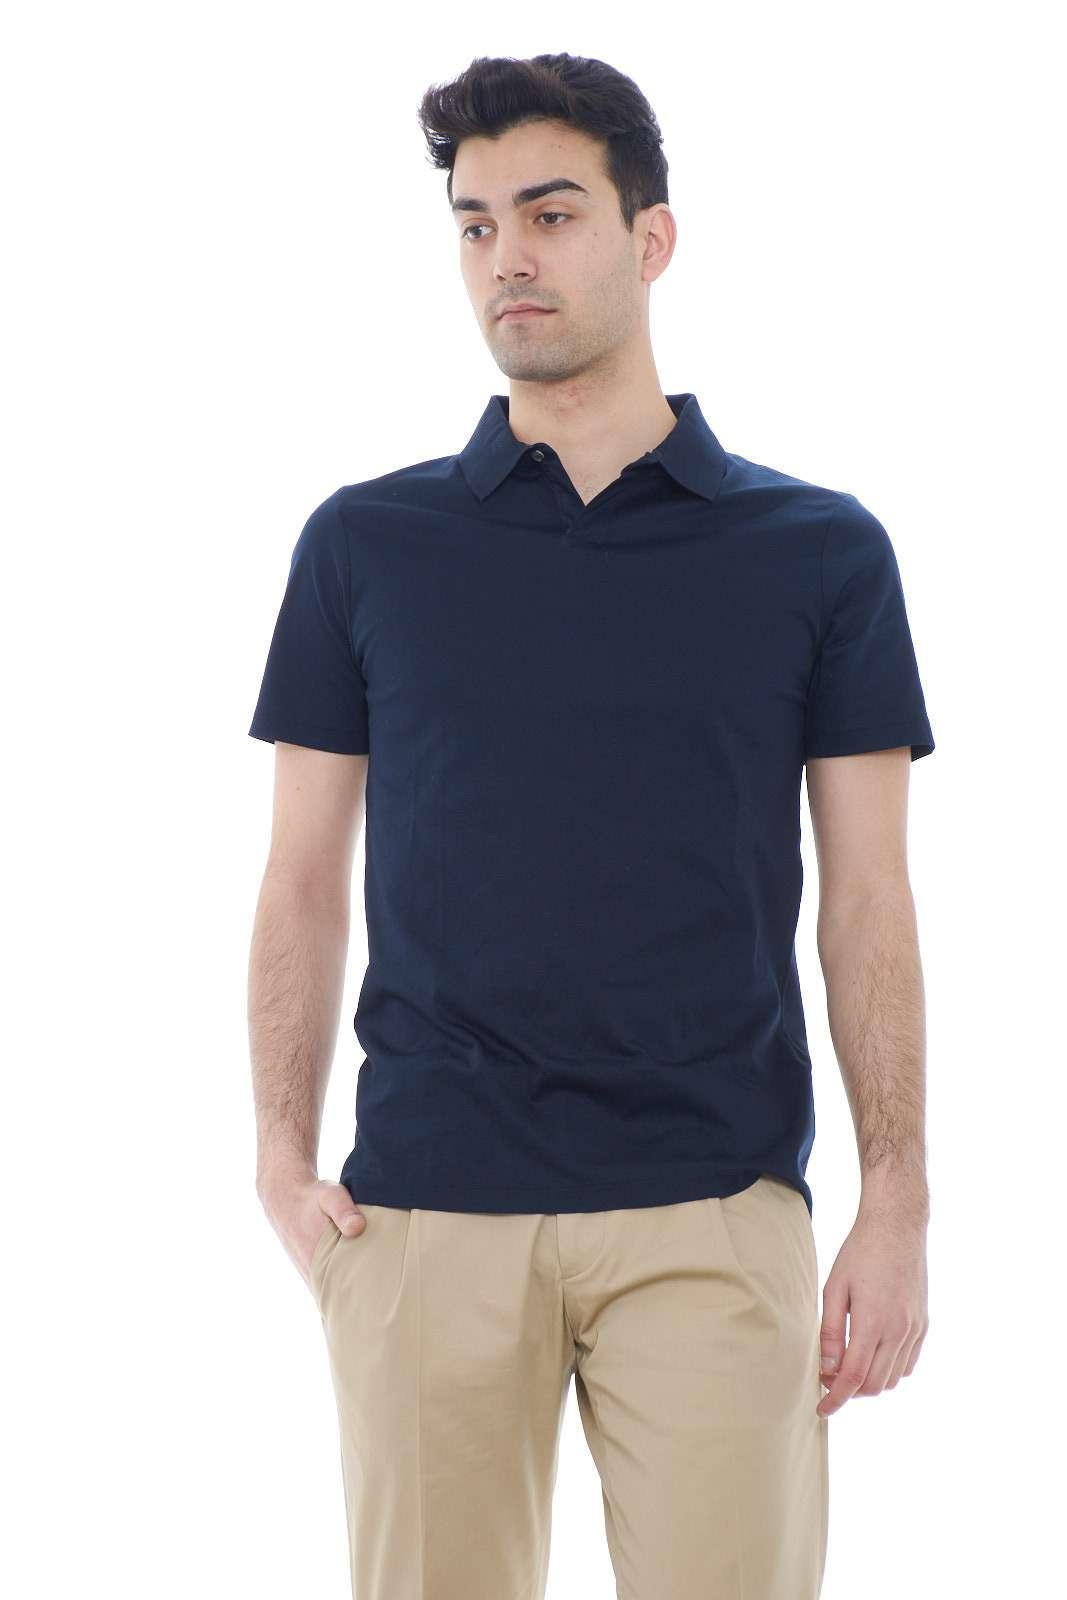 Una polo estiva semplice e versatile, quella proposta da Gazzarrini, ideale per l'uomo che ama indossare outfit basic ma curati.  Facile per abbinamenti poco elaborati, come con jeans o pantaloni, ma dall'aspetto sempre trendy.